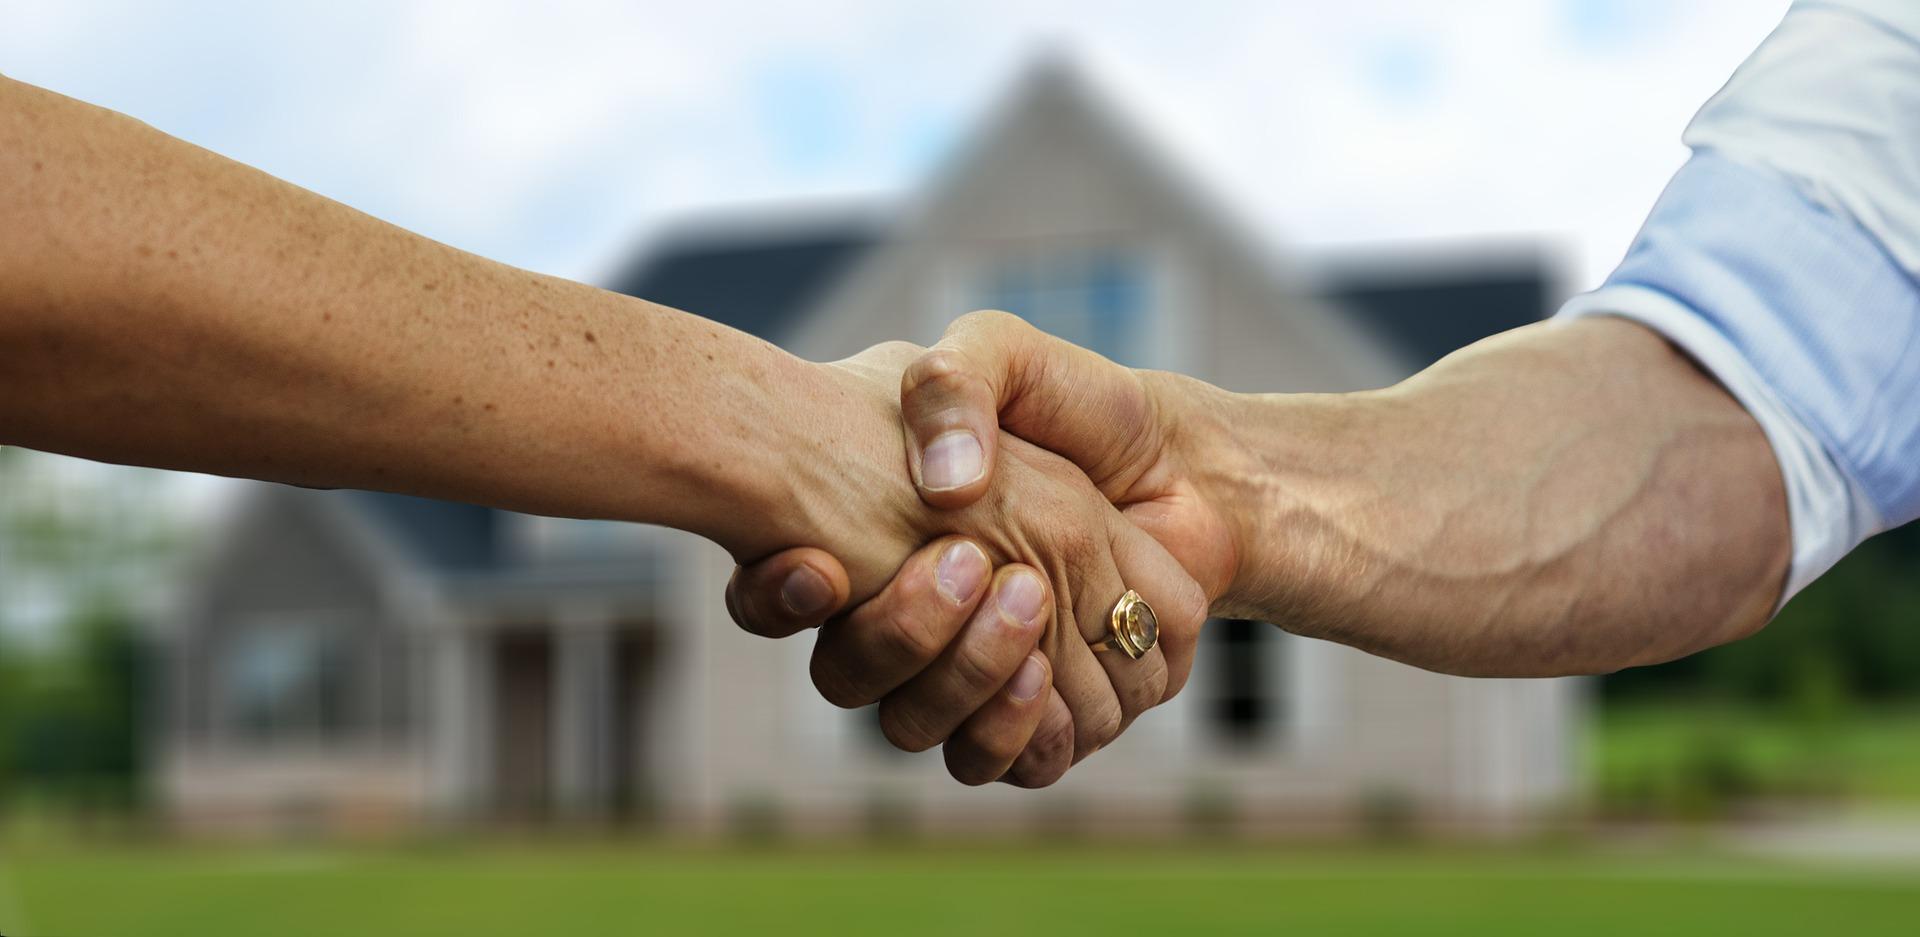 two-people-handshaking